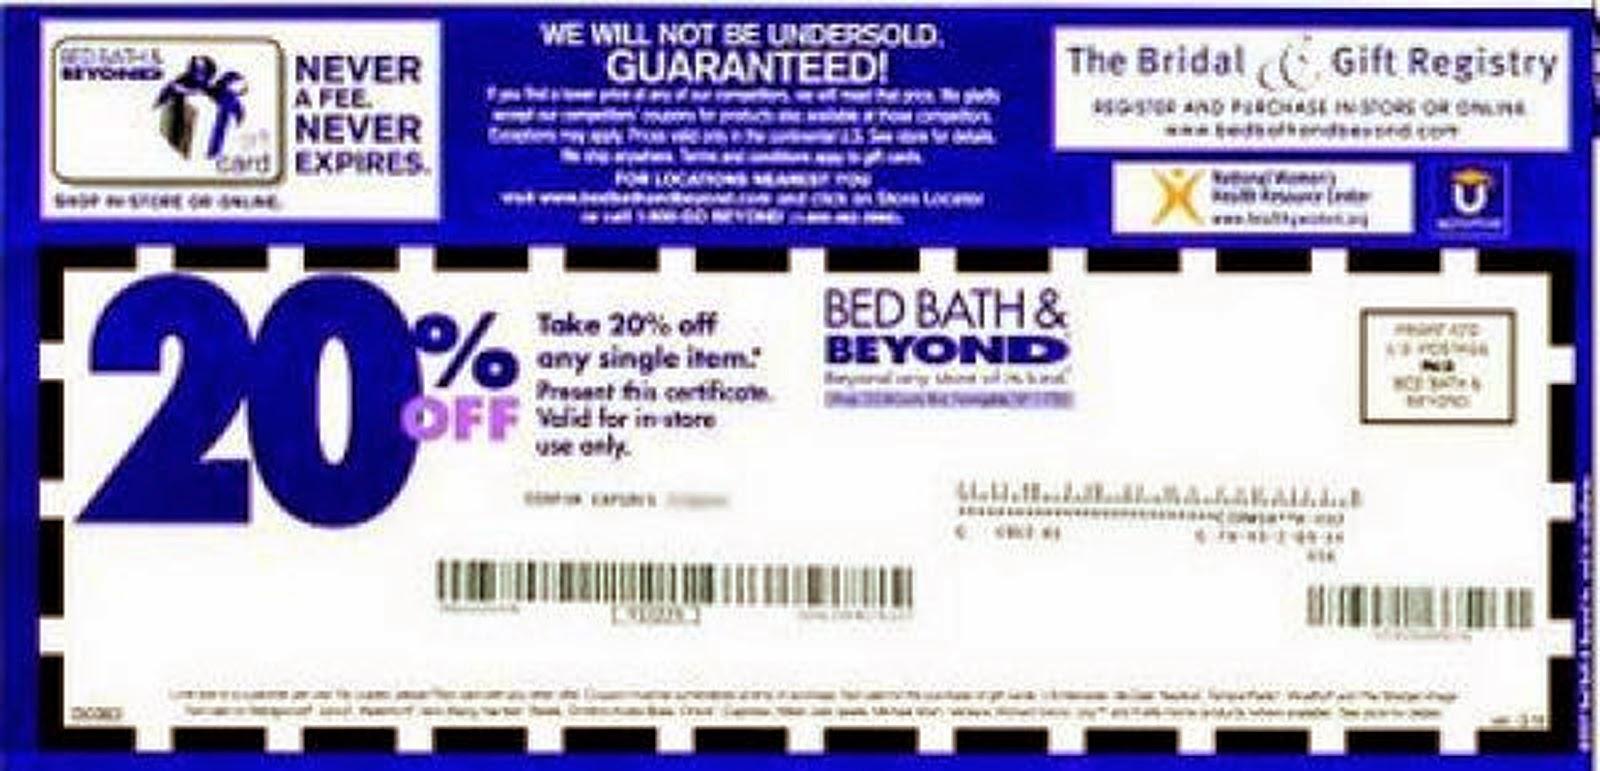 [Bed Bath And Beyond] Bed Bath and Beyond 20% Printable Coupon